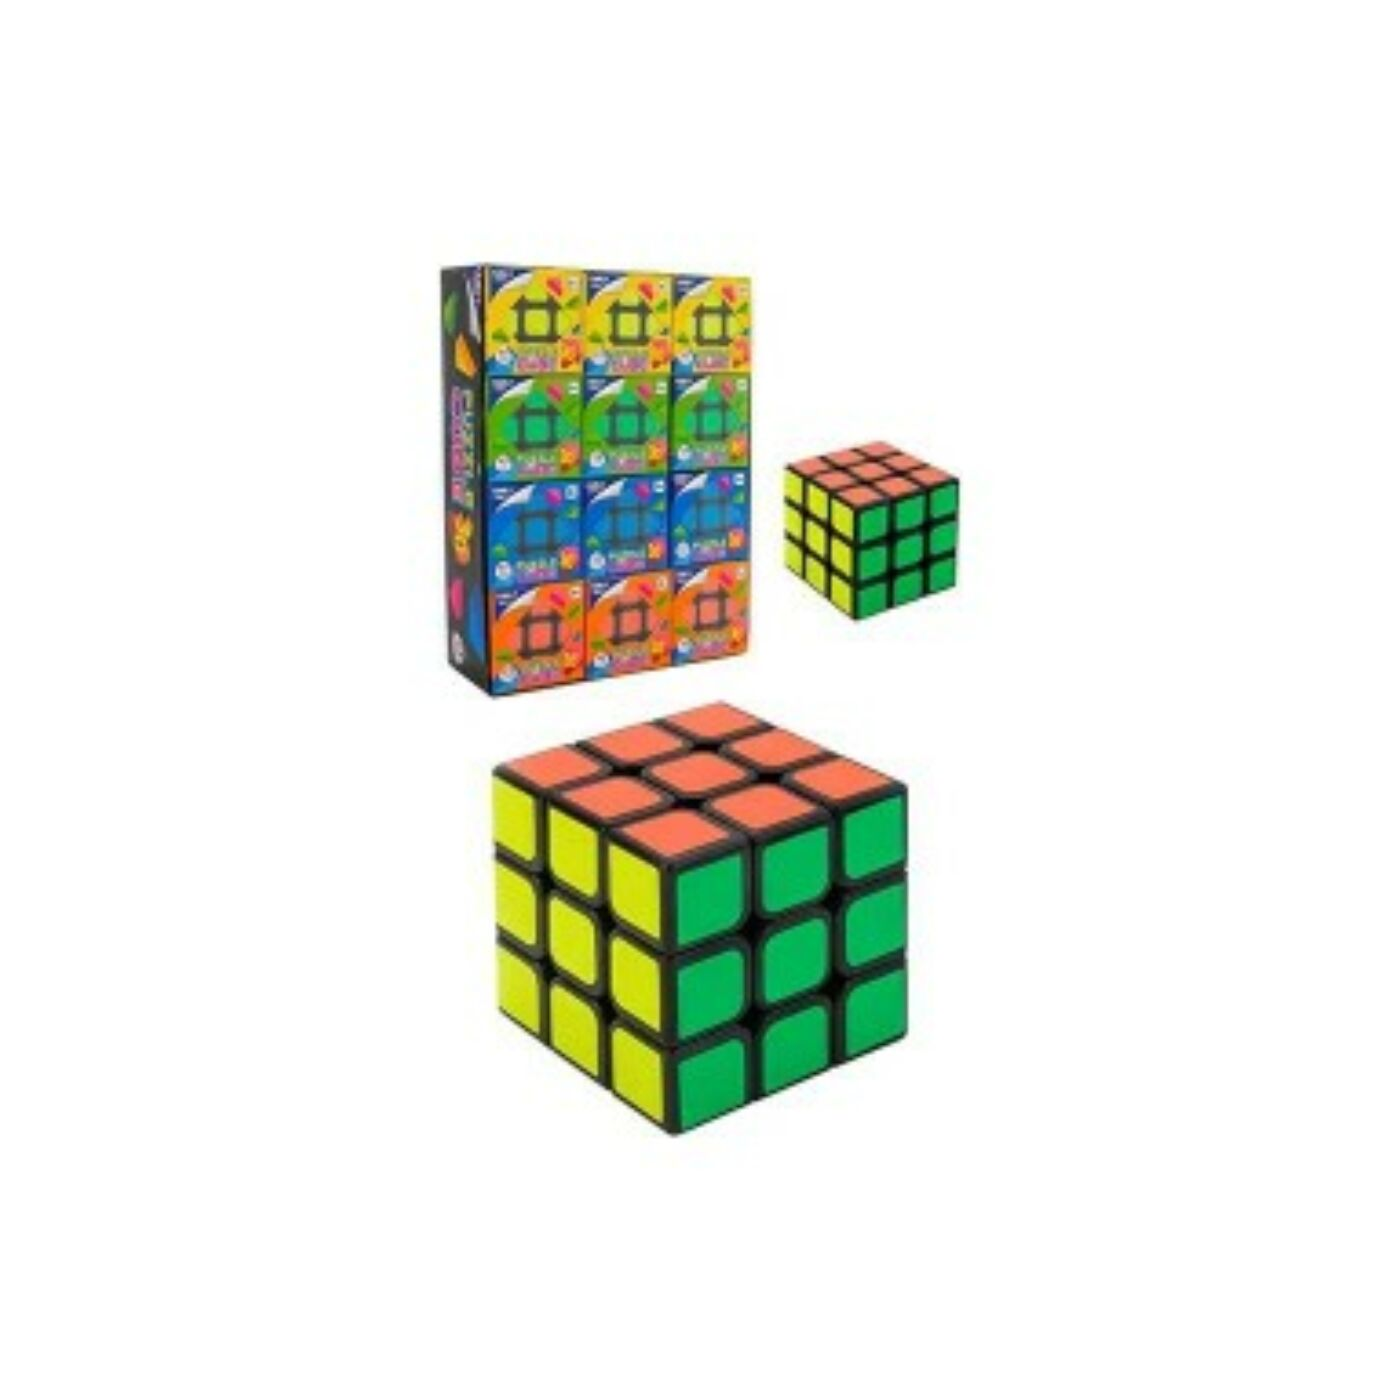 Mágikus kocka 3*3